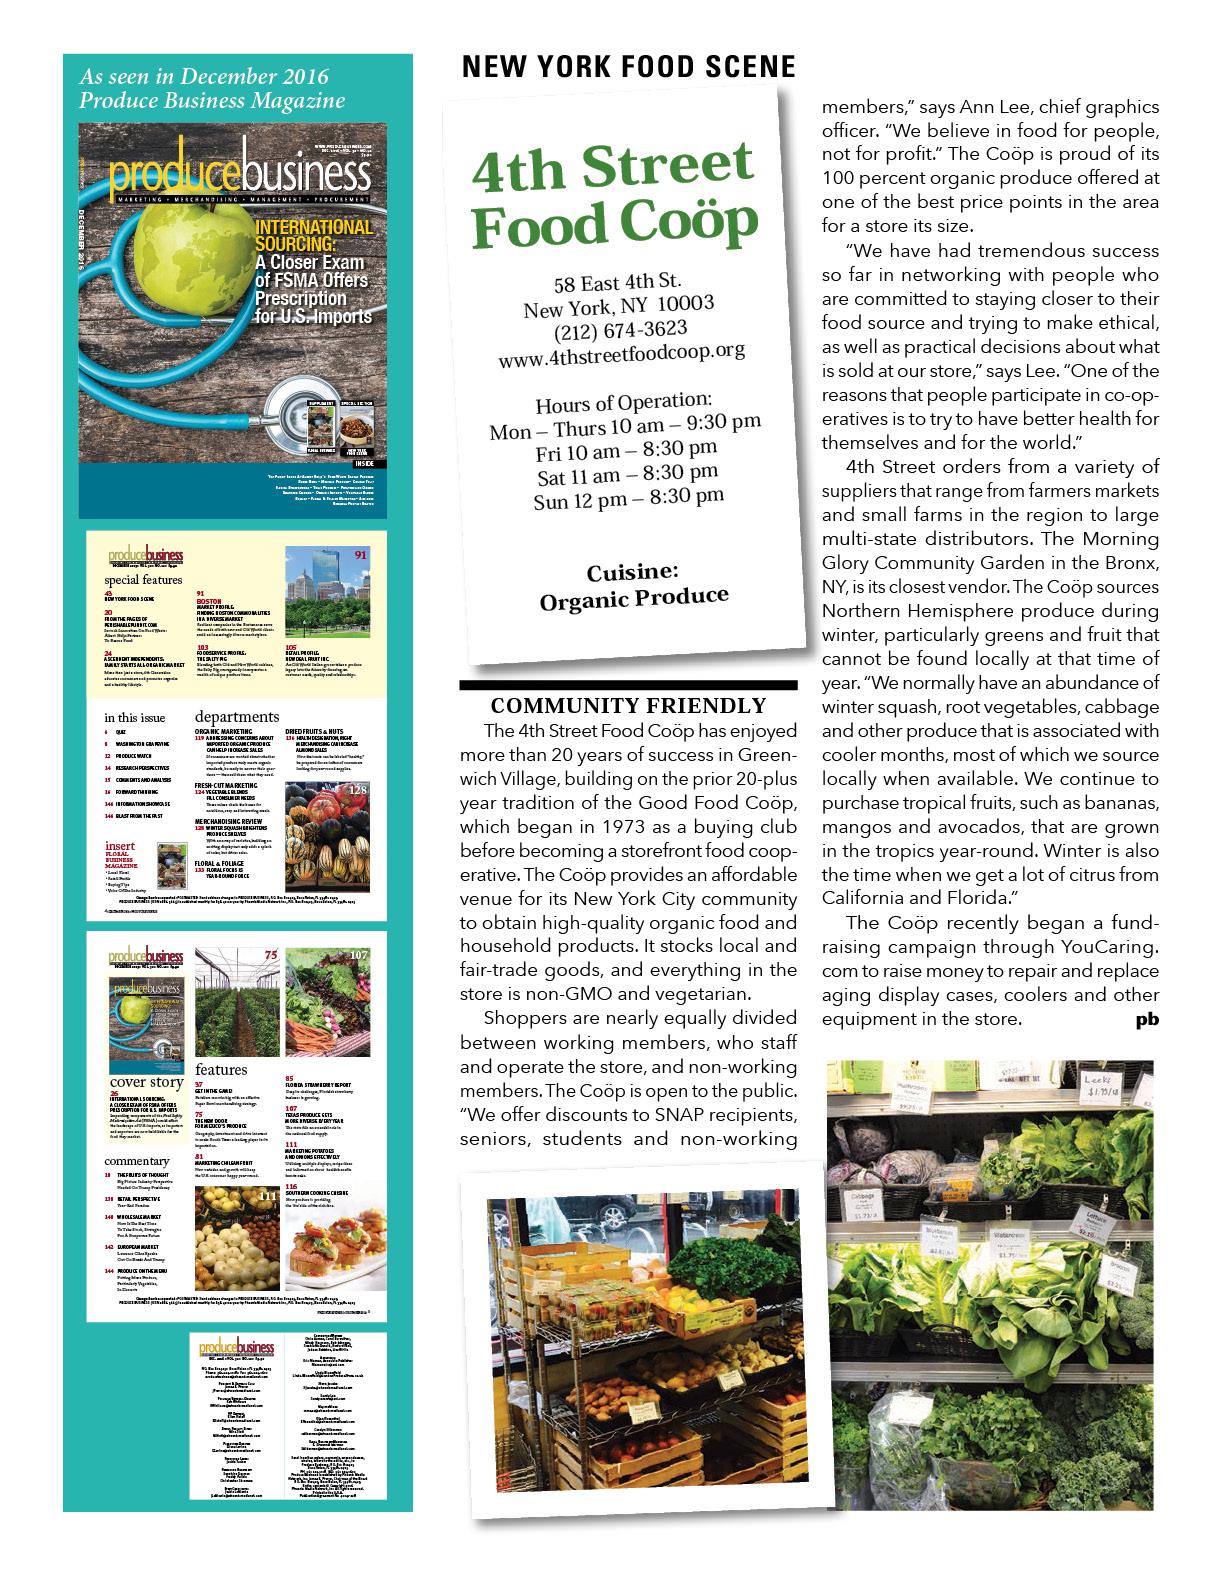 Produce Business Magazine, Dec. 2016 article